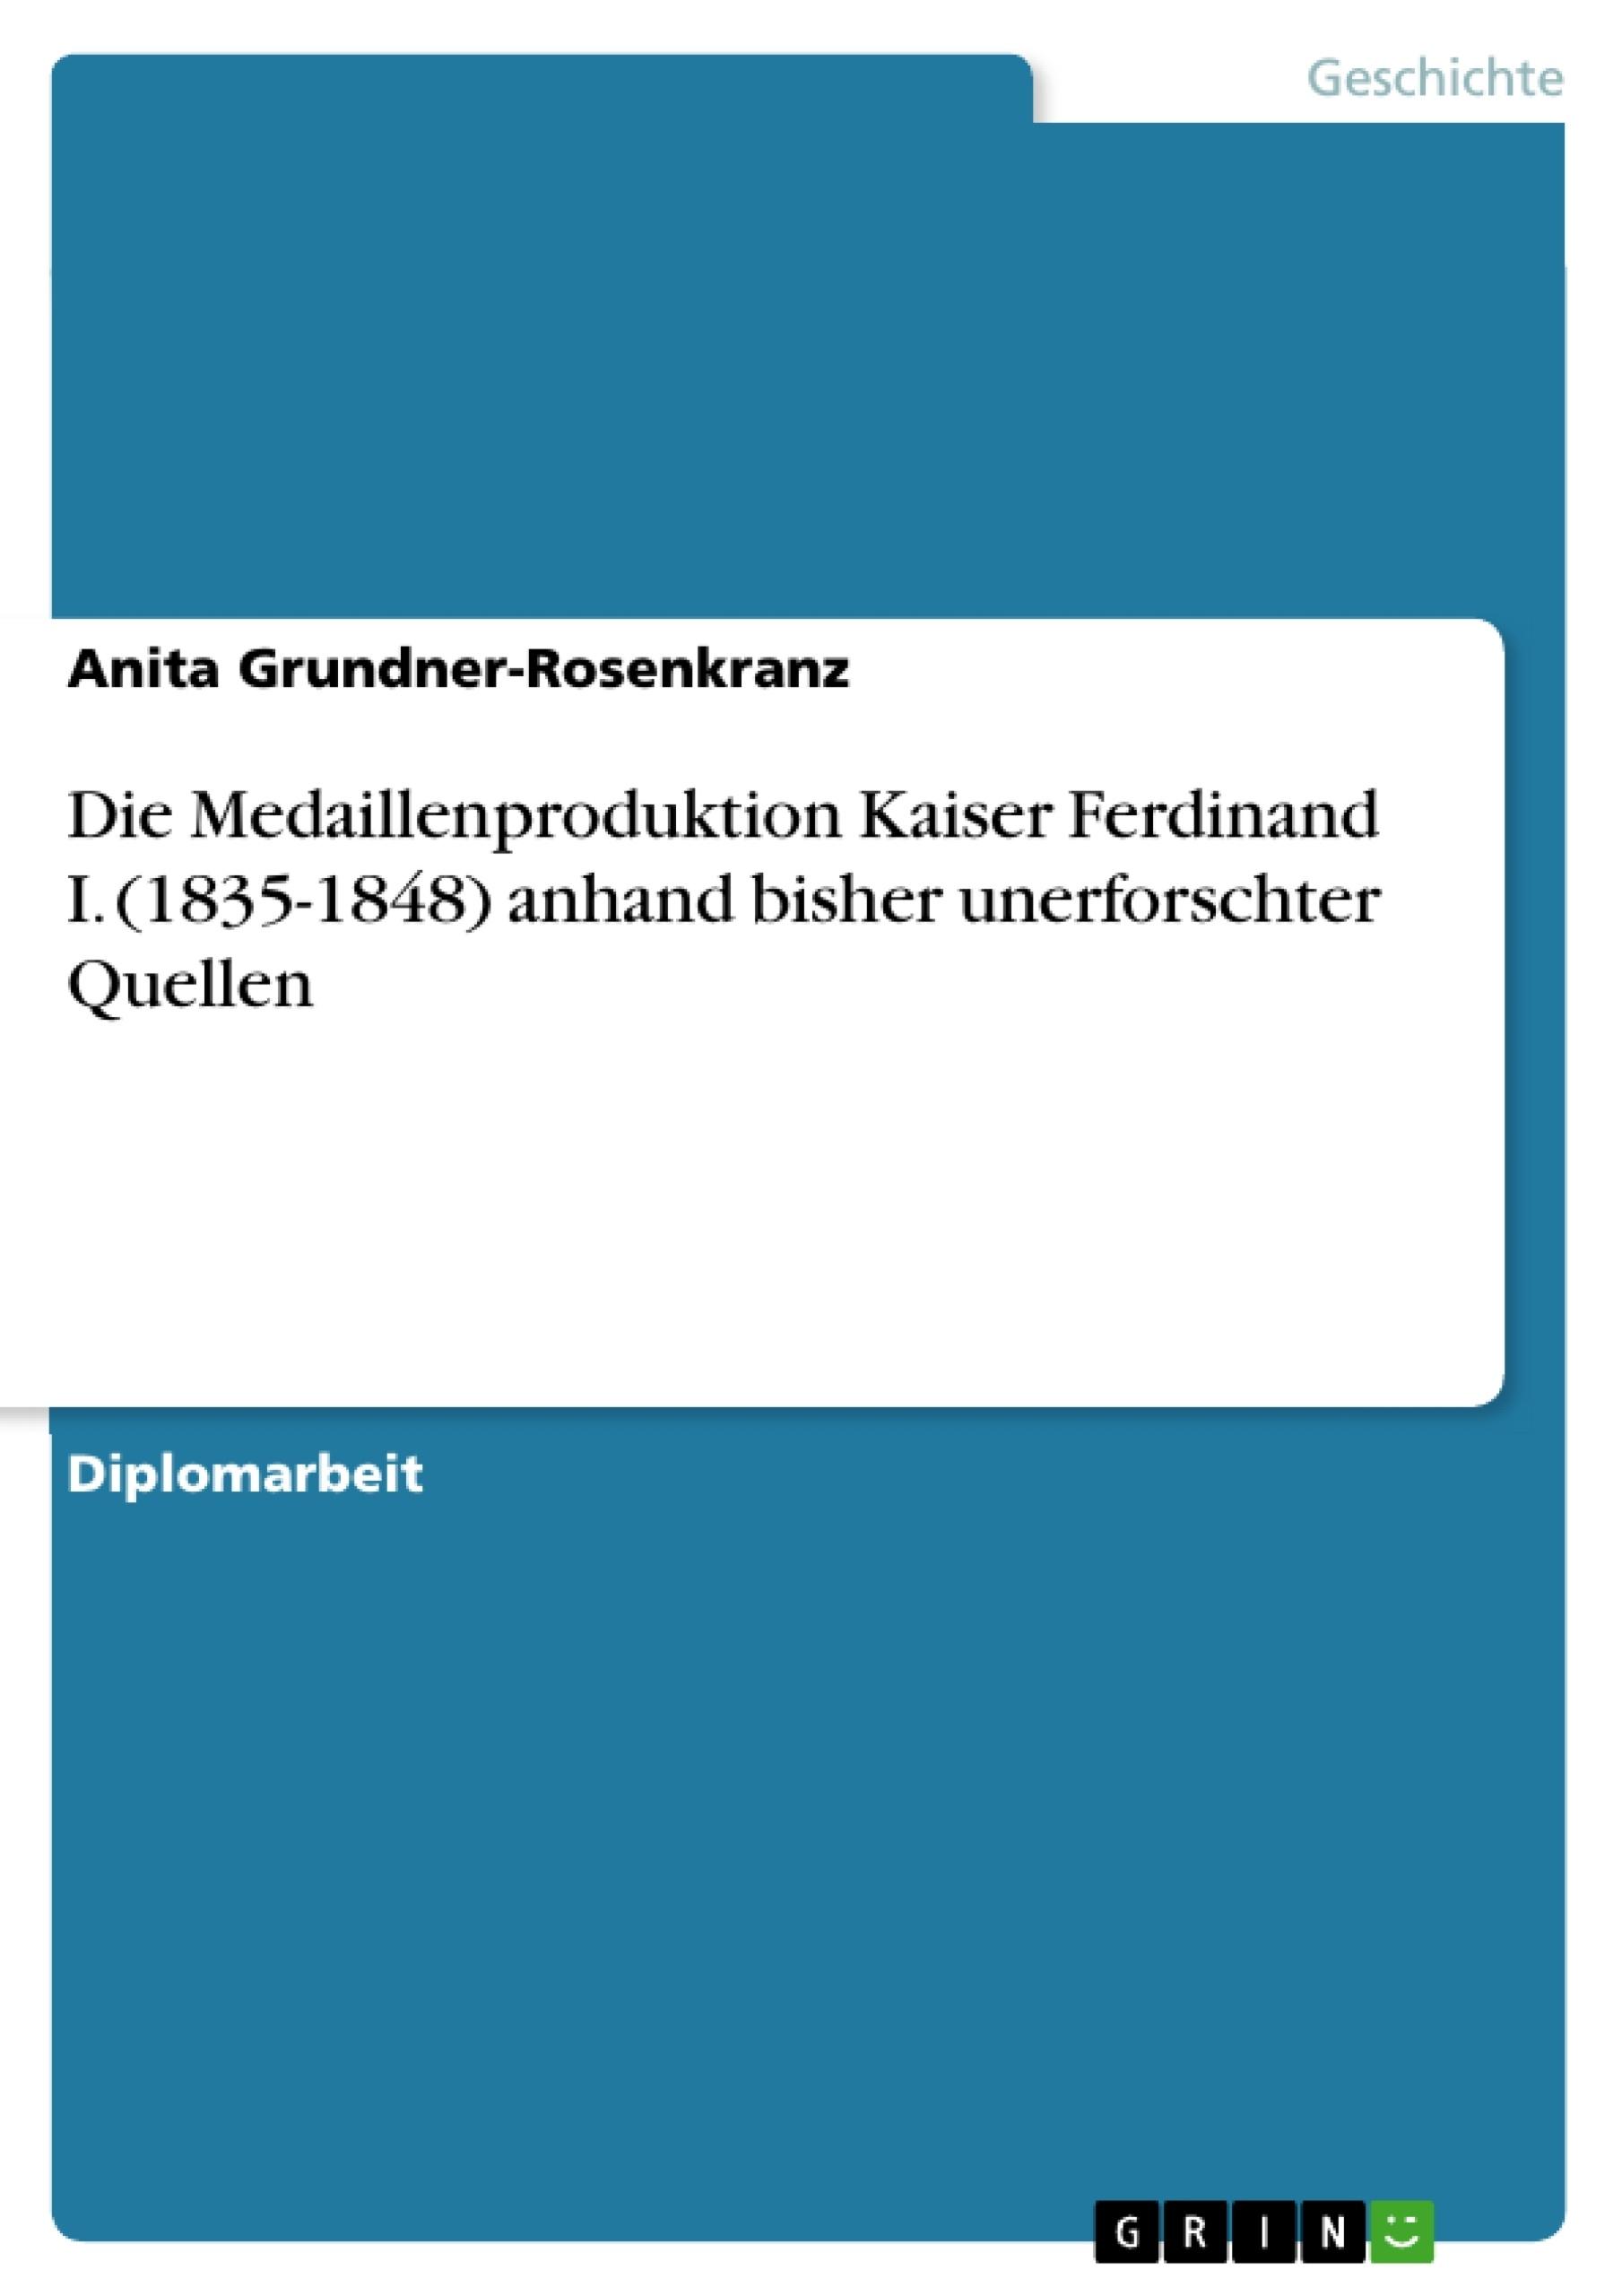 Titel: Die Medaillenproduktion Kaiser Ferdinand I. (1835-1848) anhand bisher unerforschter Quellen